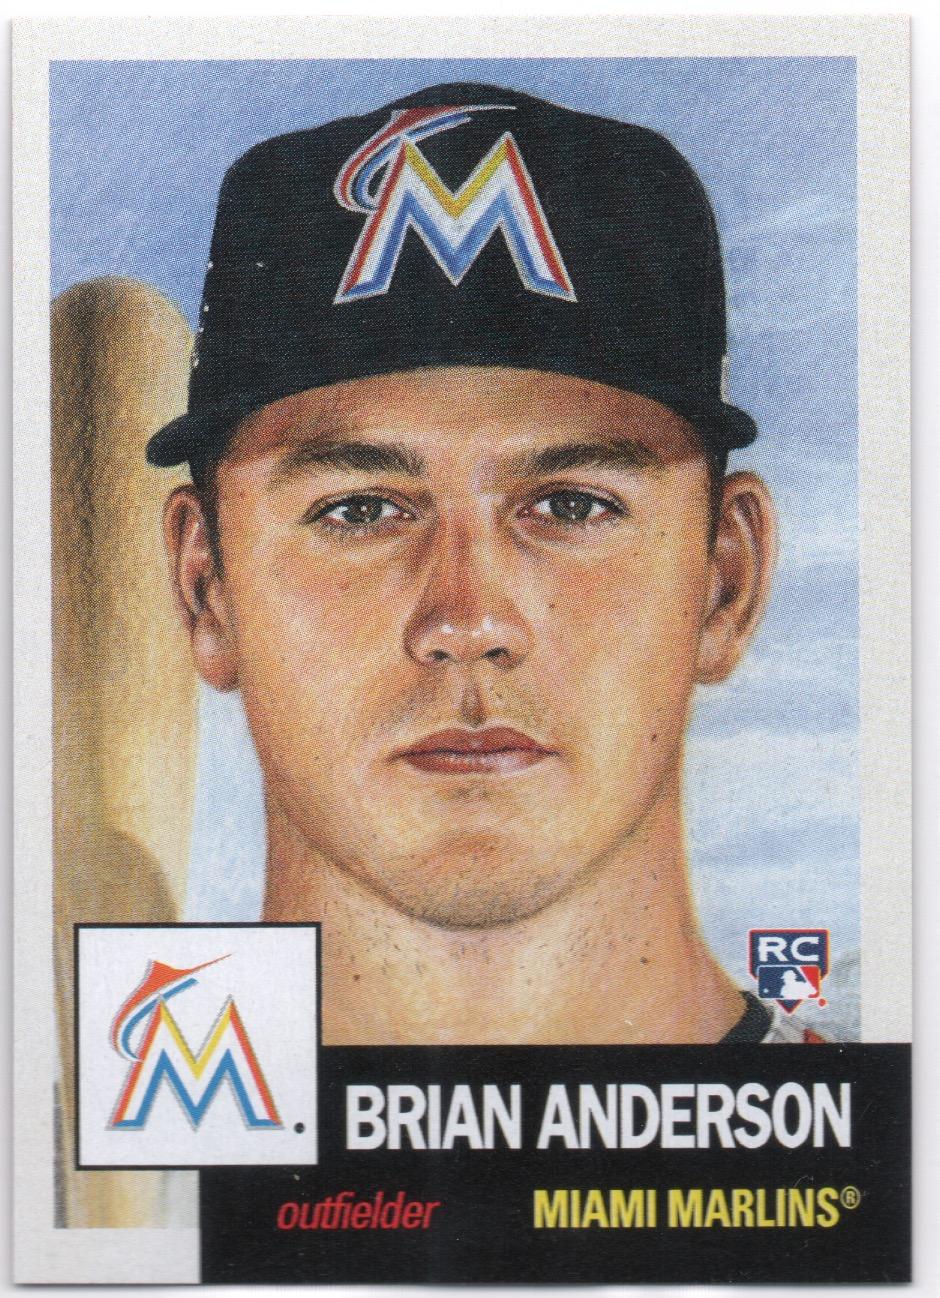 56. Brian Anderson (5,218) -